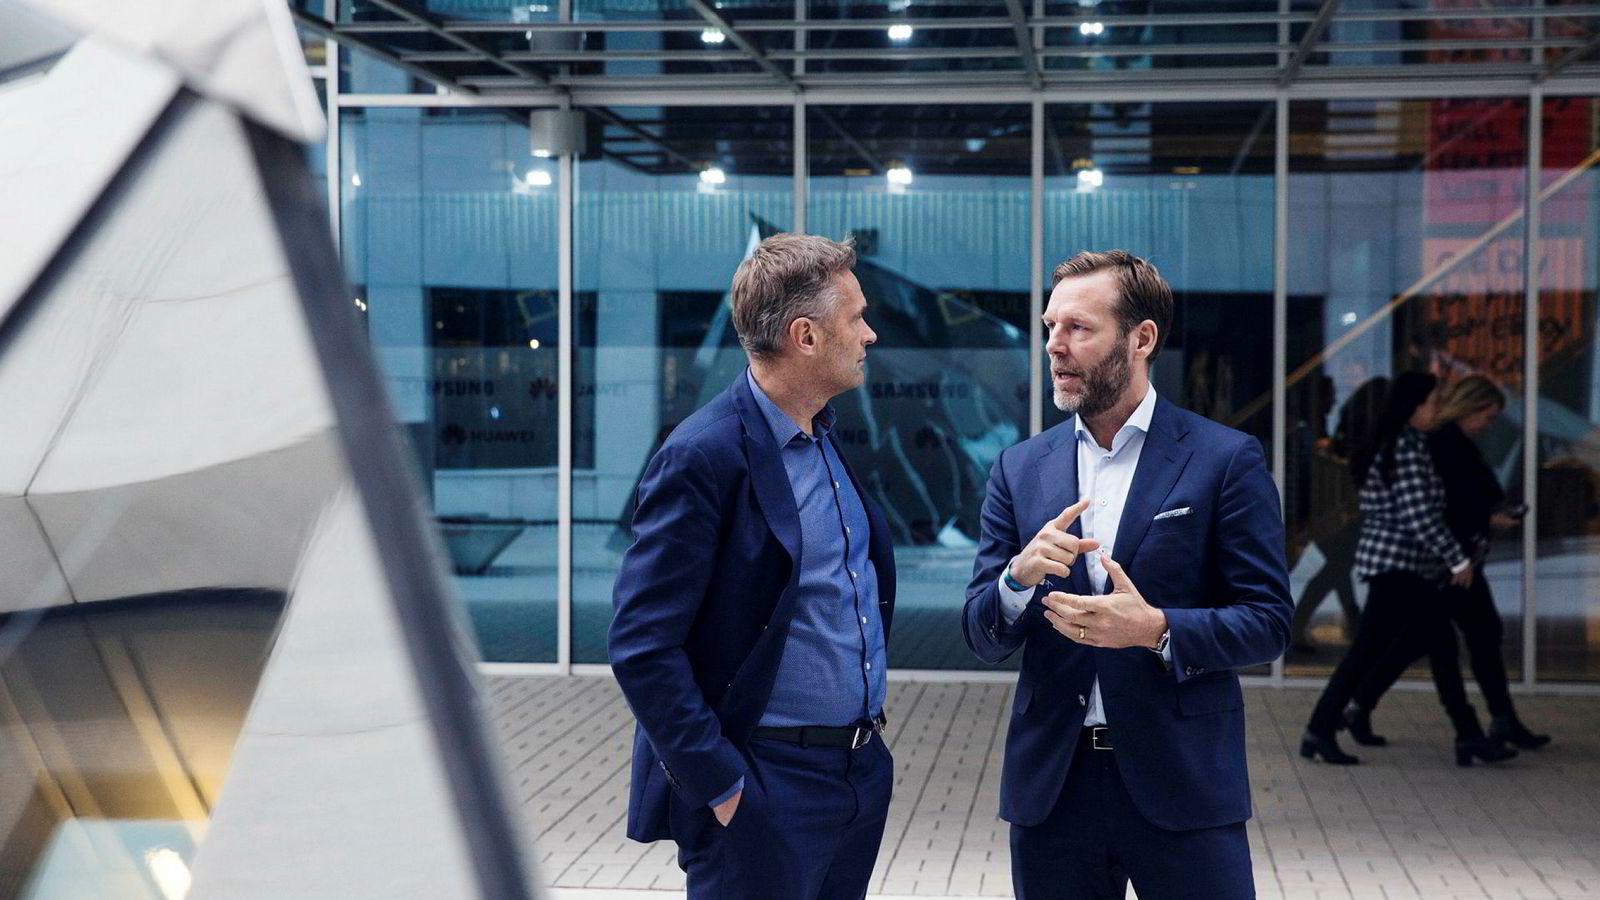 – Det er jo høyere inntekt per innbygger i Norge enn i de andre landene, sier konsernsjef Johan Dennelind (t.h.) i Telia om de høye prisene på datasurfing i Norge. Til venstre administrerende direktør Abraham Foss i Telia Norge.